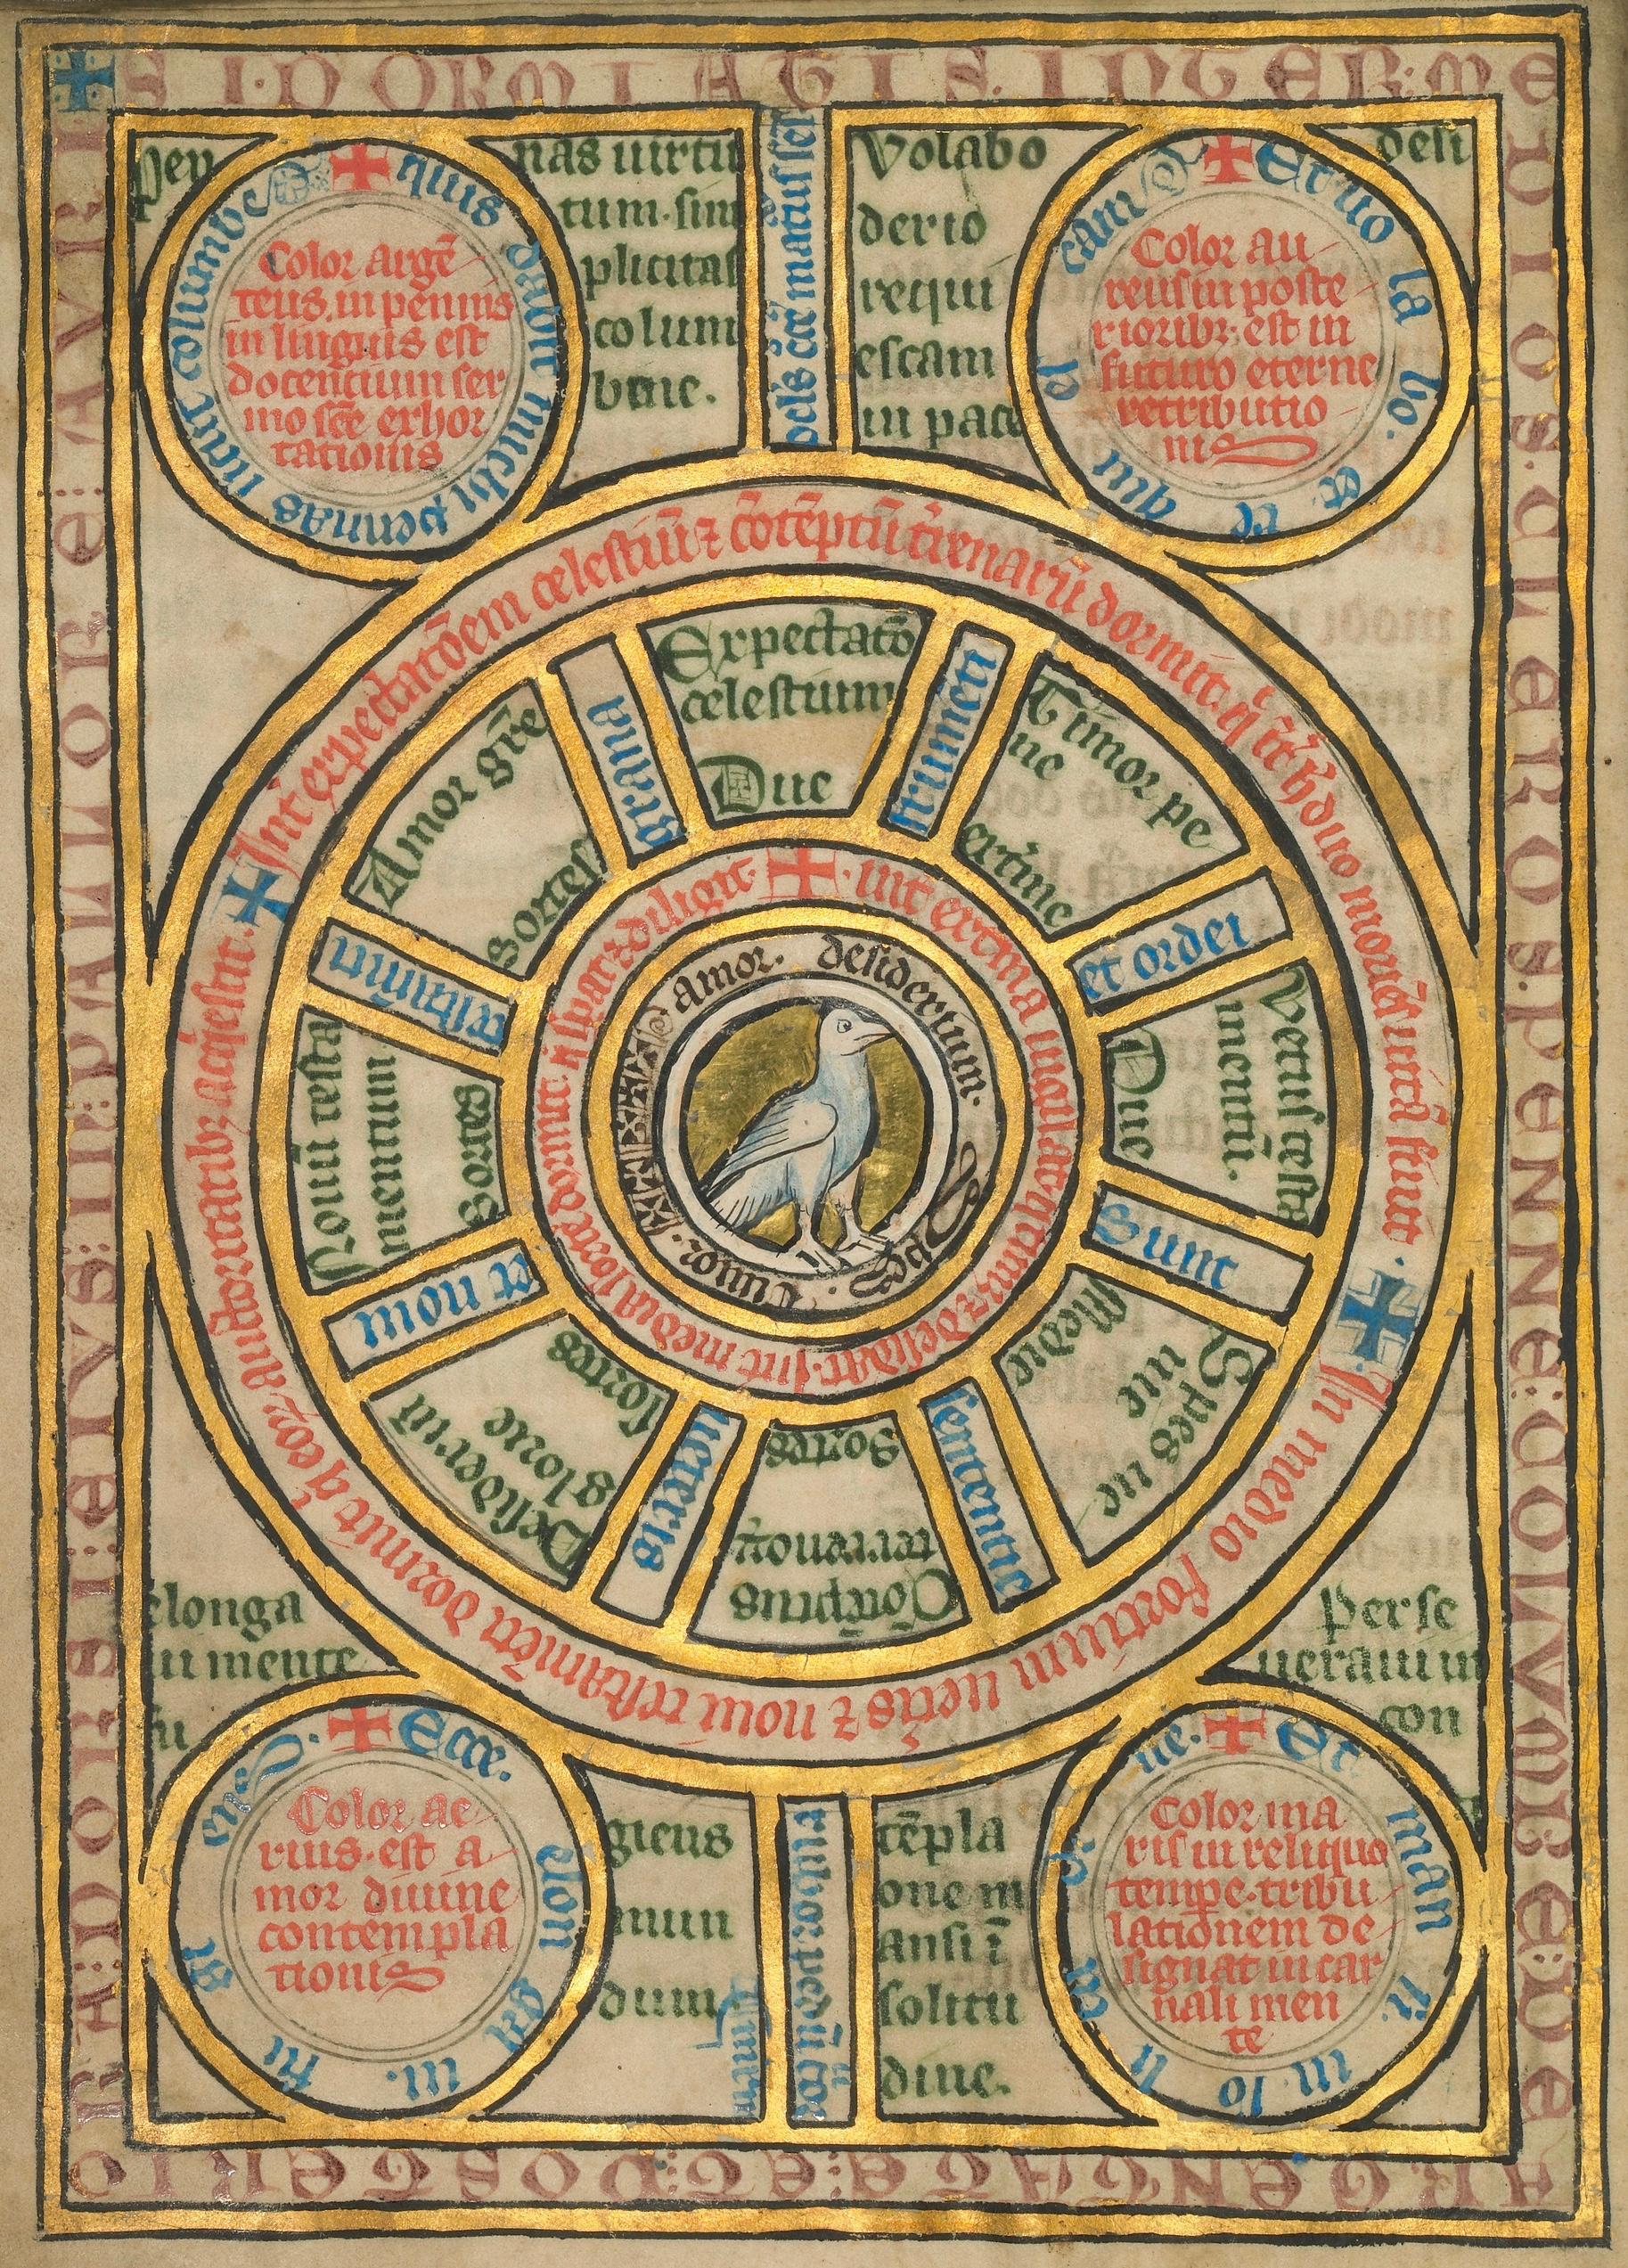 Diagrama da pomba,Ms. Ludwig XV 4 (França, último quartel do século XIII), fol. 2v. The J. Paul Getty Museum, Los Angeles.